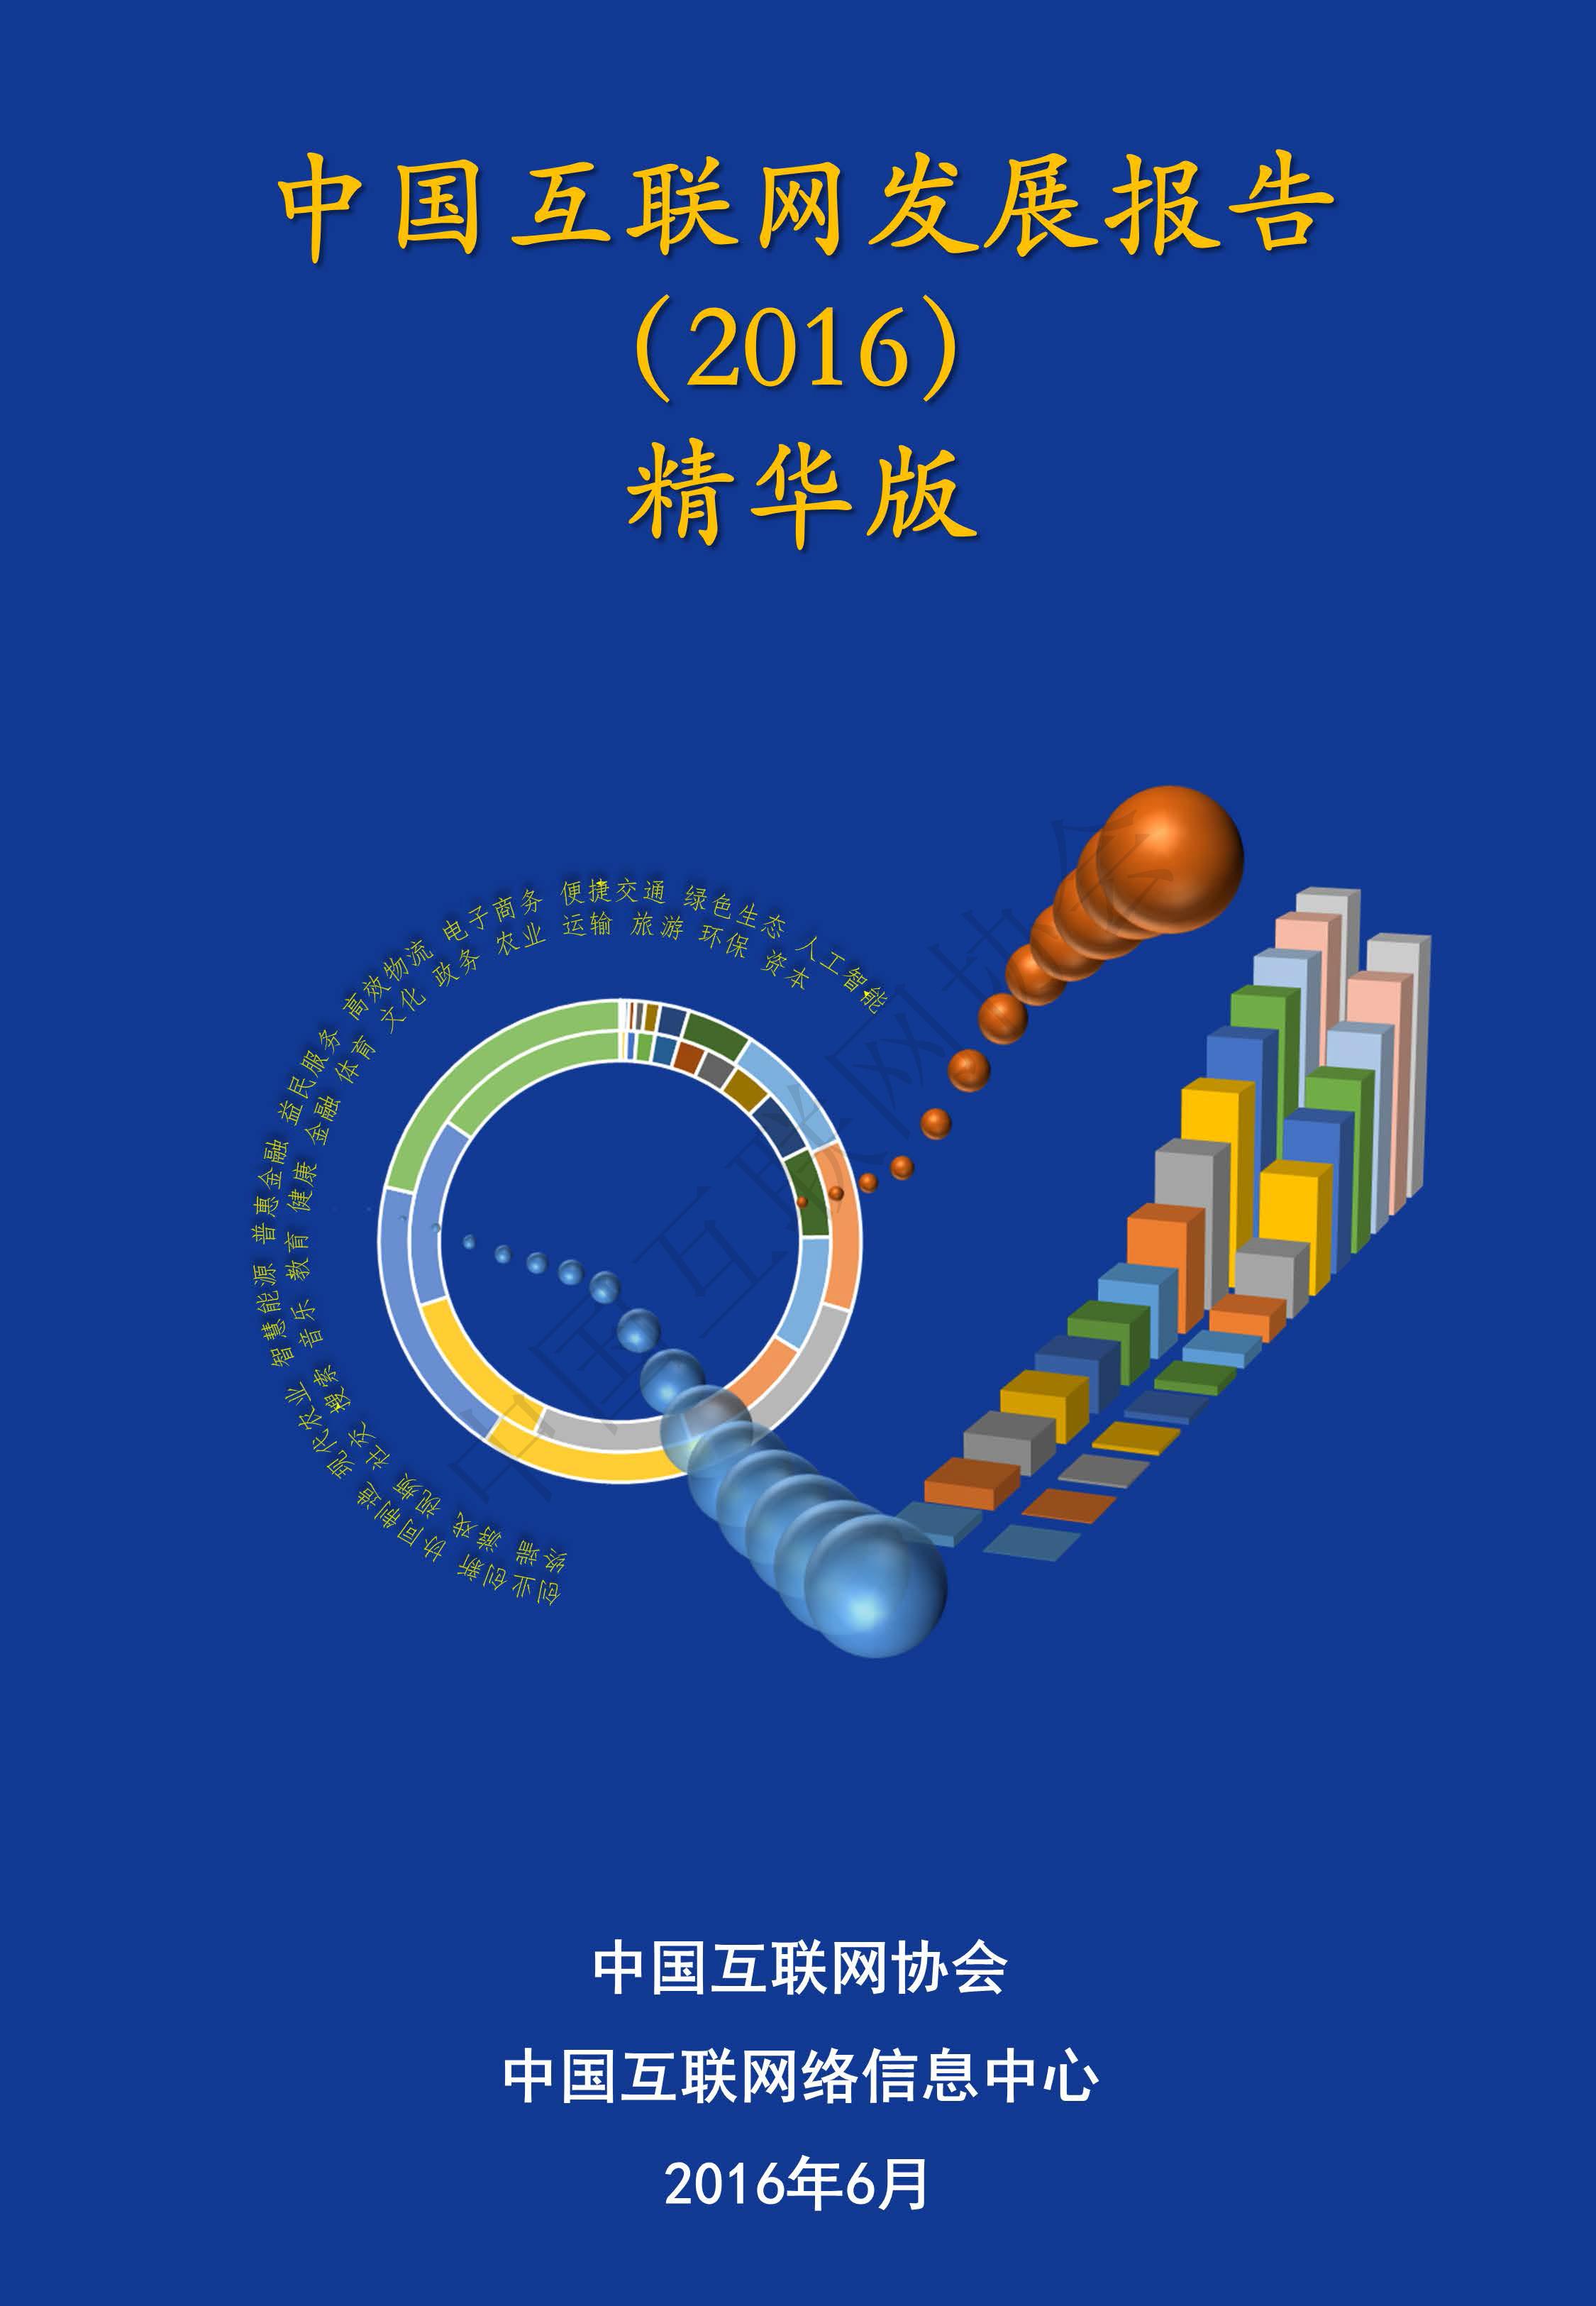 中国互联网发展报告(2016)精华版(1)-1.jpg